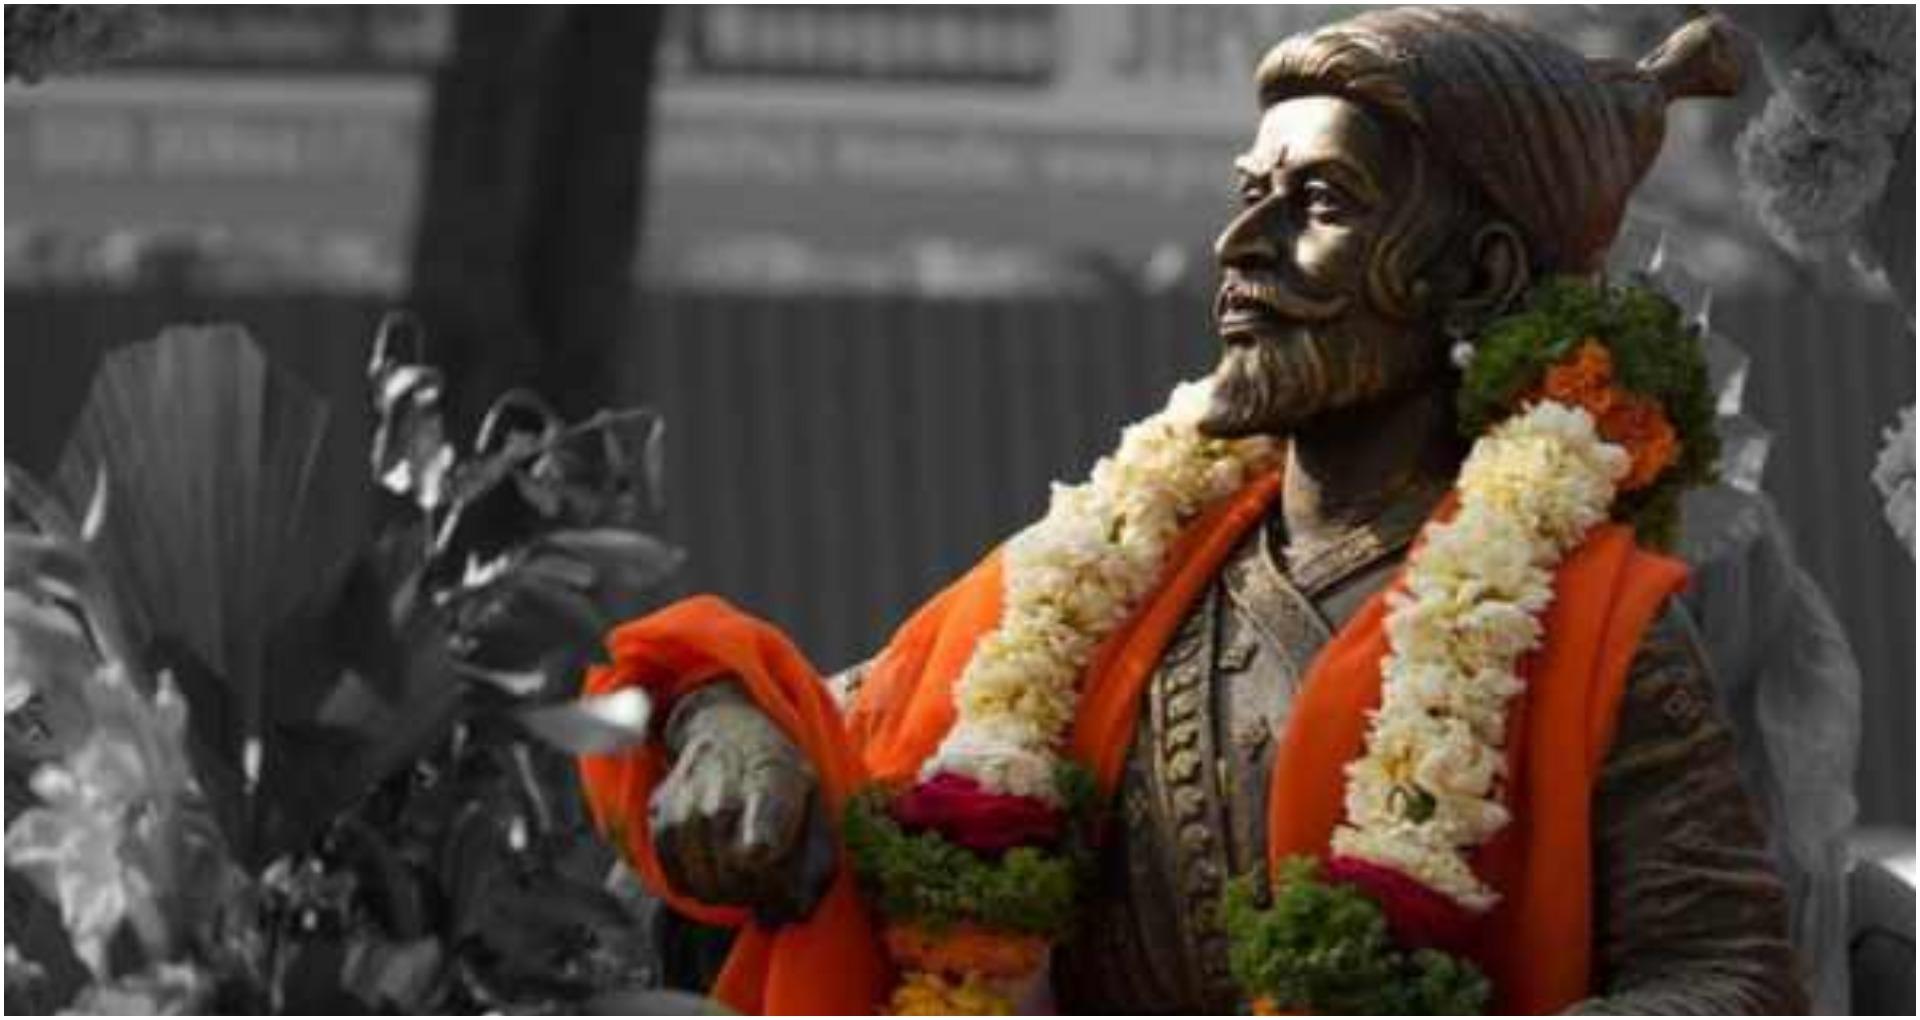 Sambhaji Jayanti 2020 Wishes: संभाजी महाराज जयंती पर Wishes Images, Greetings, Messages से दें शुभकामनाएं